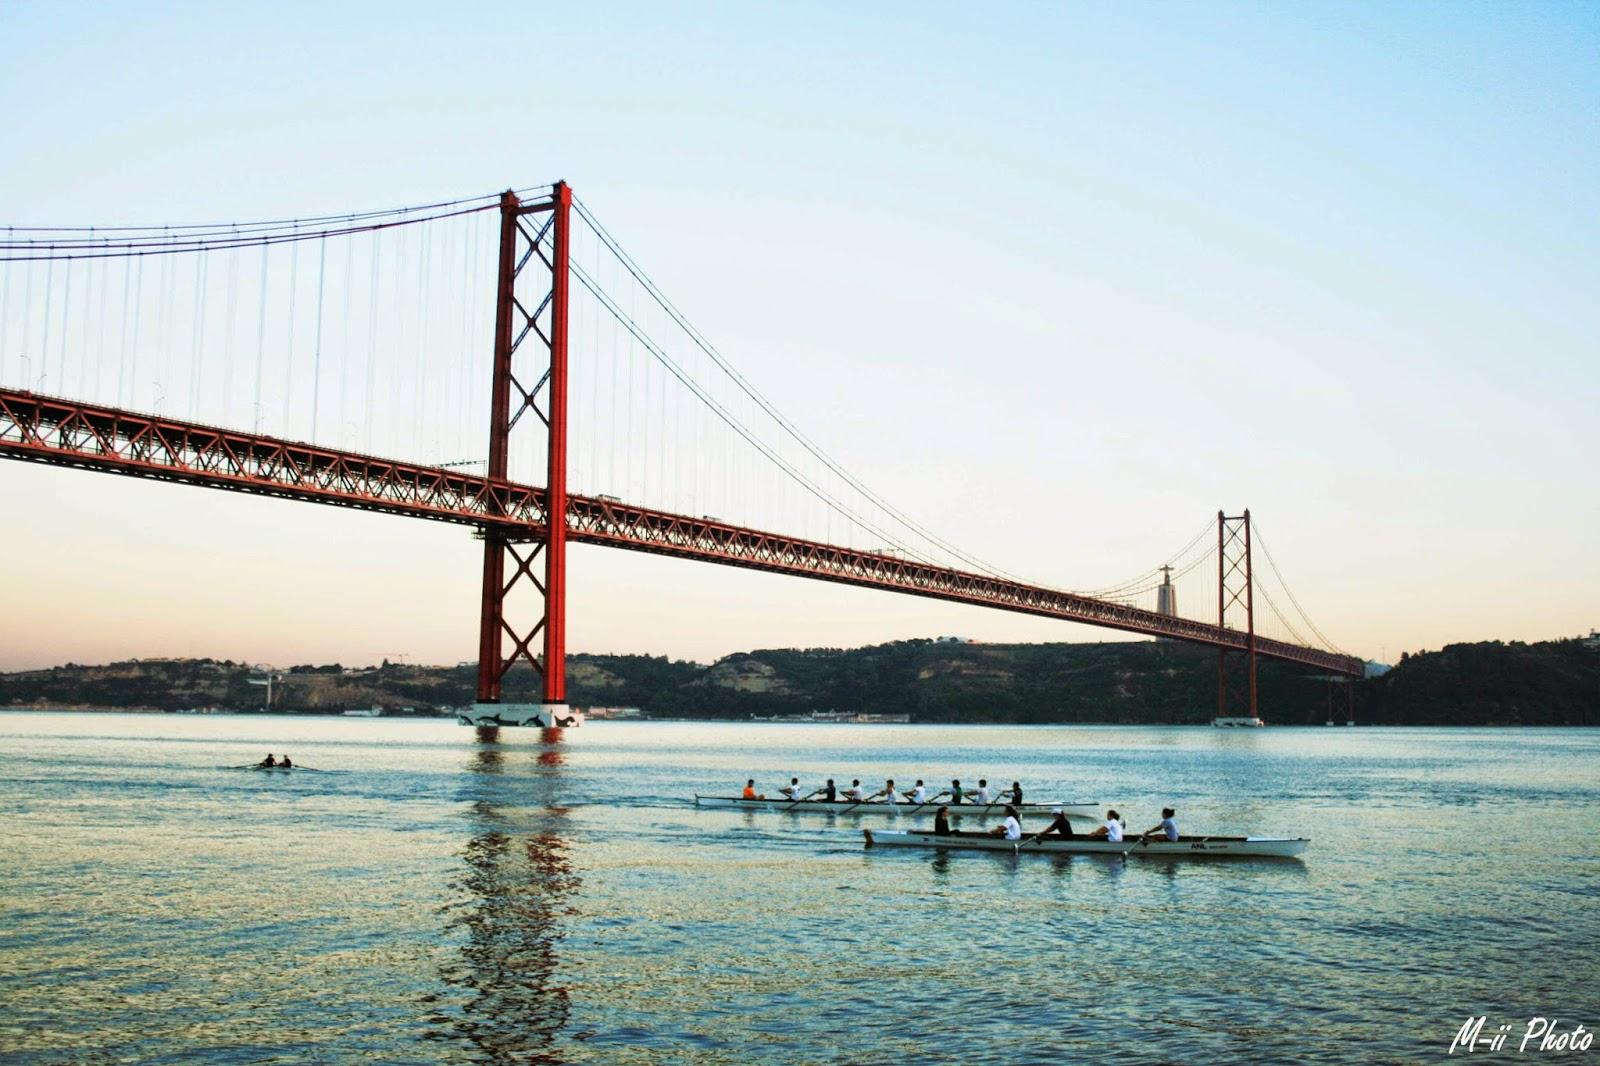 M-ii Photo : 10 choses à faire à Lisbonne Pont du 25 Avril Lisbonne